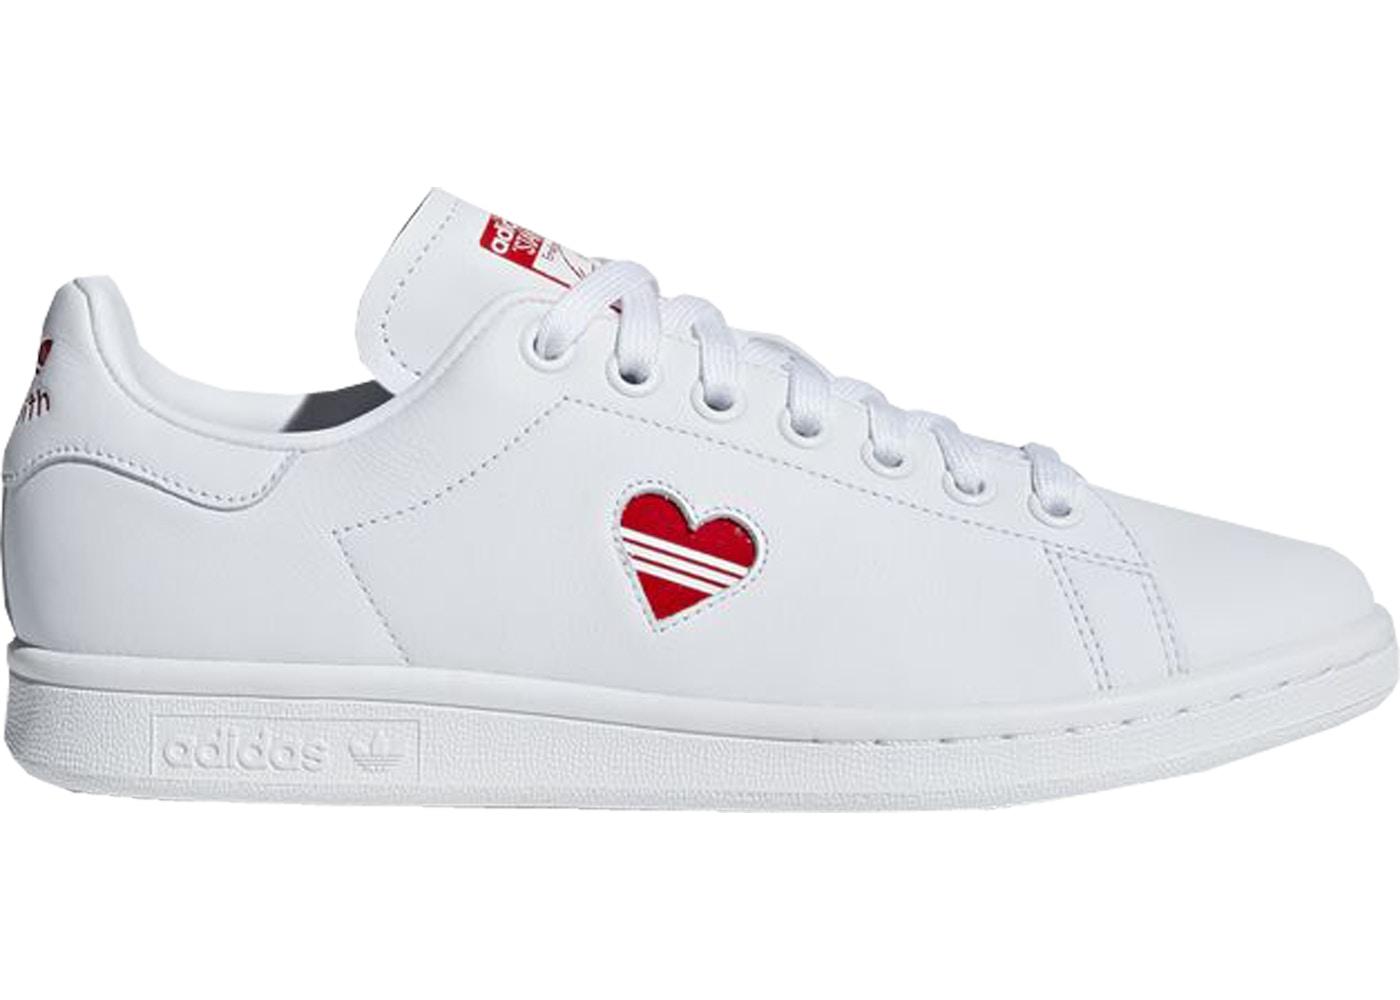 low priced dbd96 868d4 adidas Stan Smith Valentines Day 2019 (W)